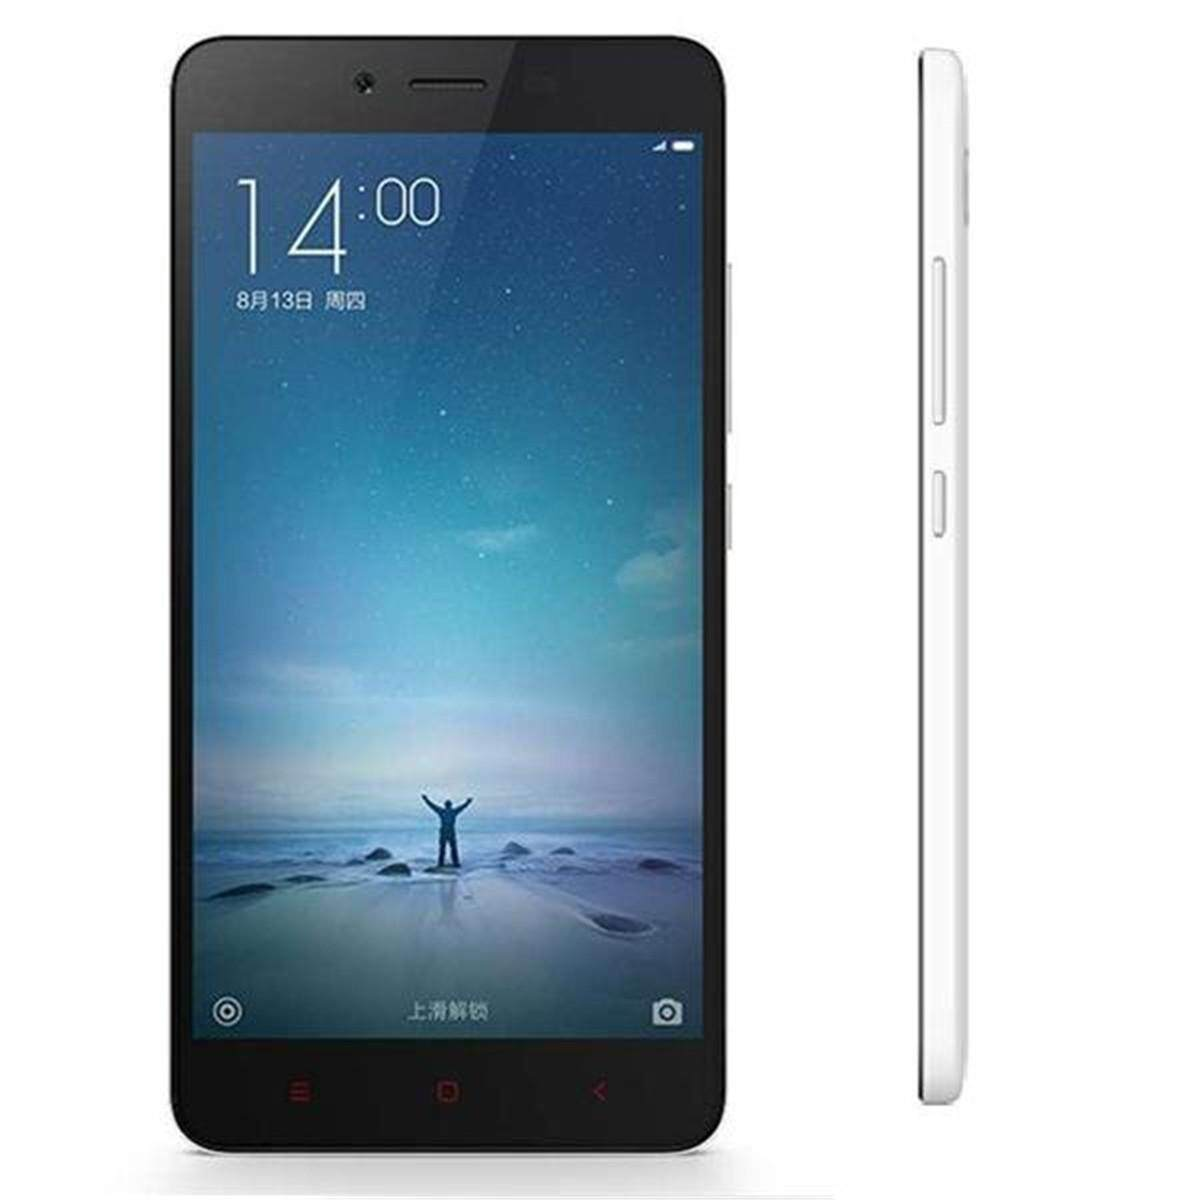 ยี่ห้อไหนดี  เชียงใหม่ Xiaomi Redmi Note2 Android 5.0 4G Phone w/ 2GB RAM  16GB ROM - White